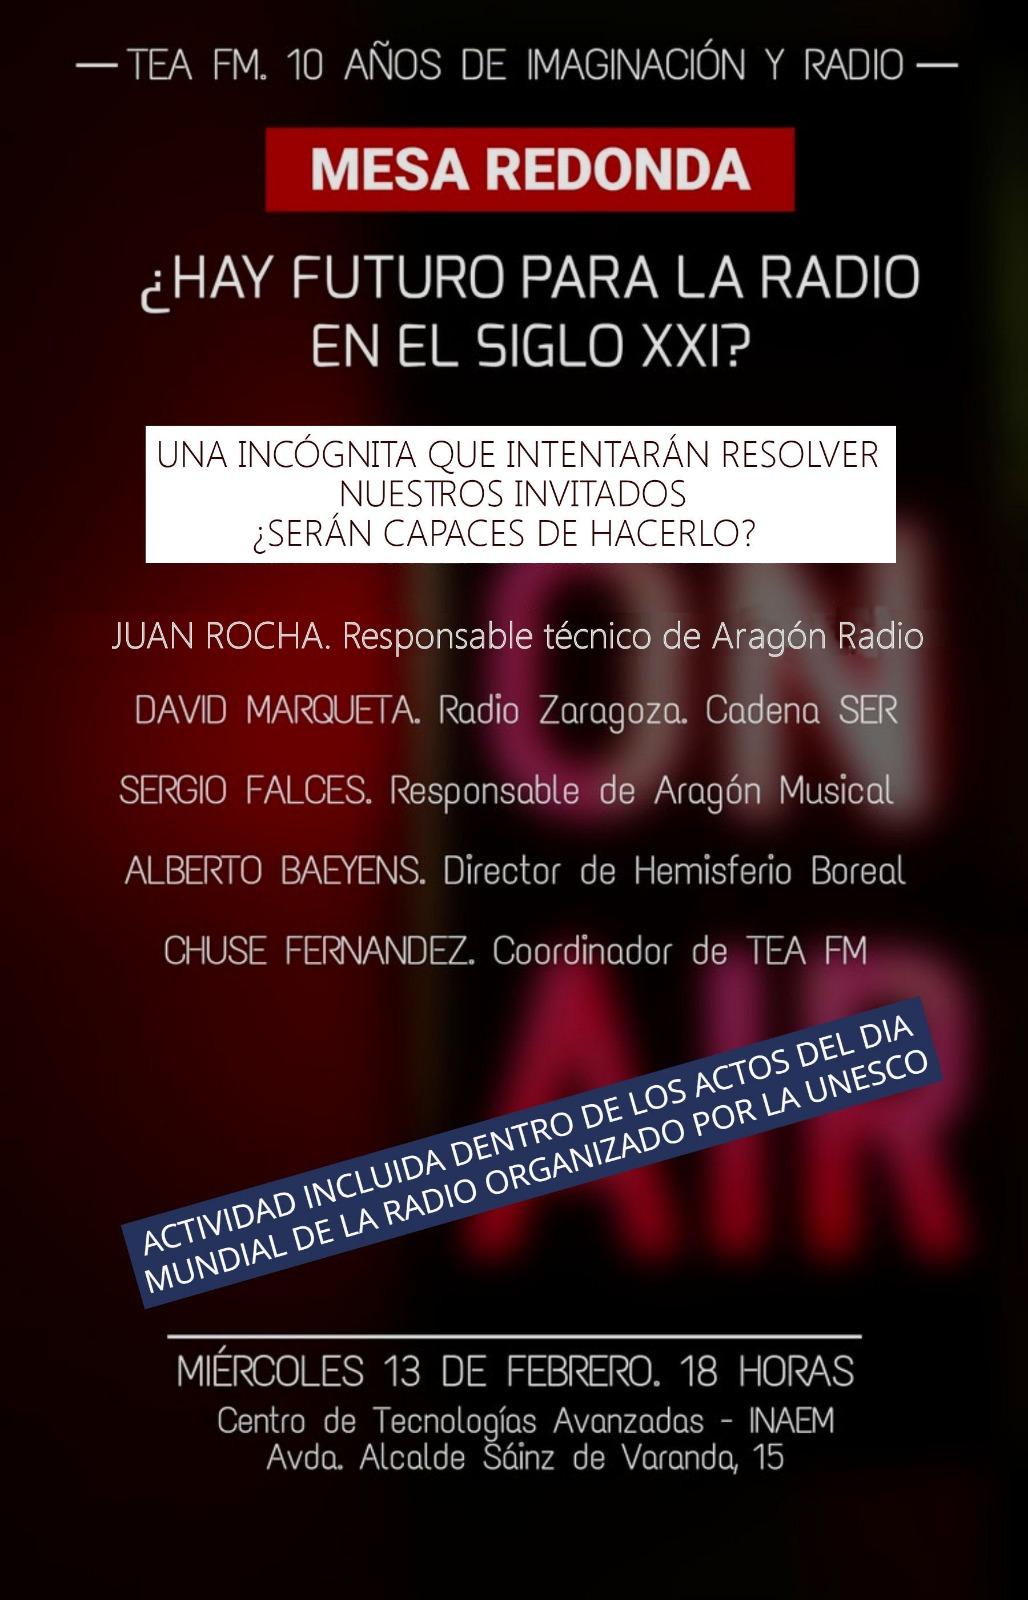 X Aniversario de TEA FM